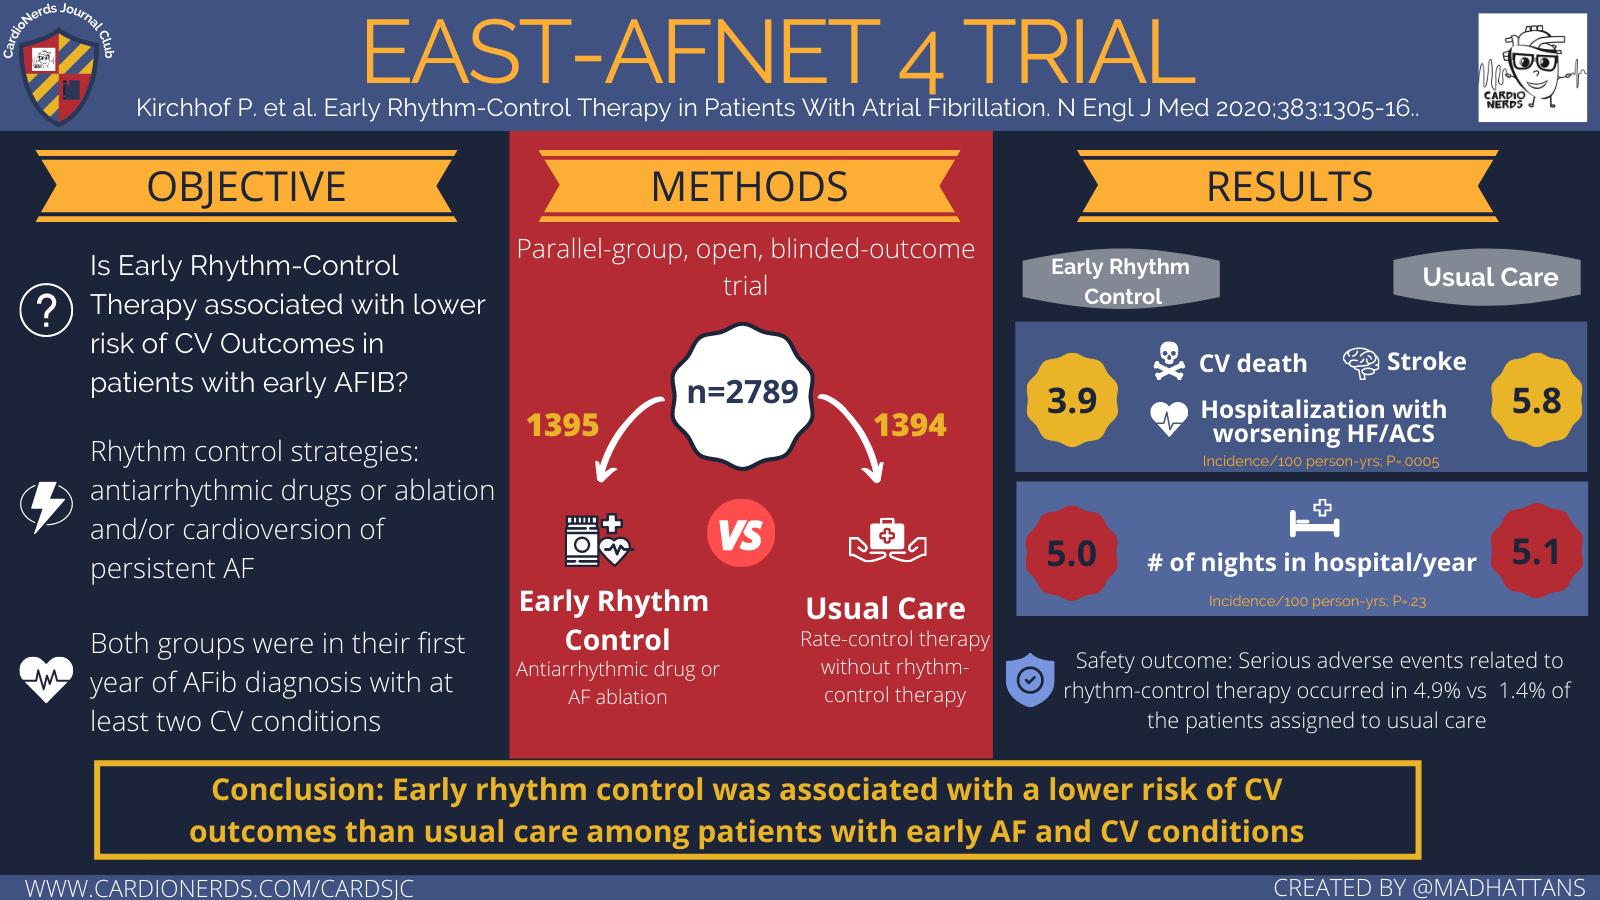 #CardsJC: EAST-AFNET4 Trial